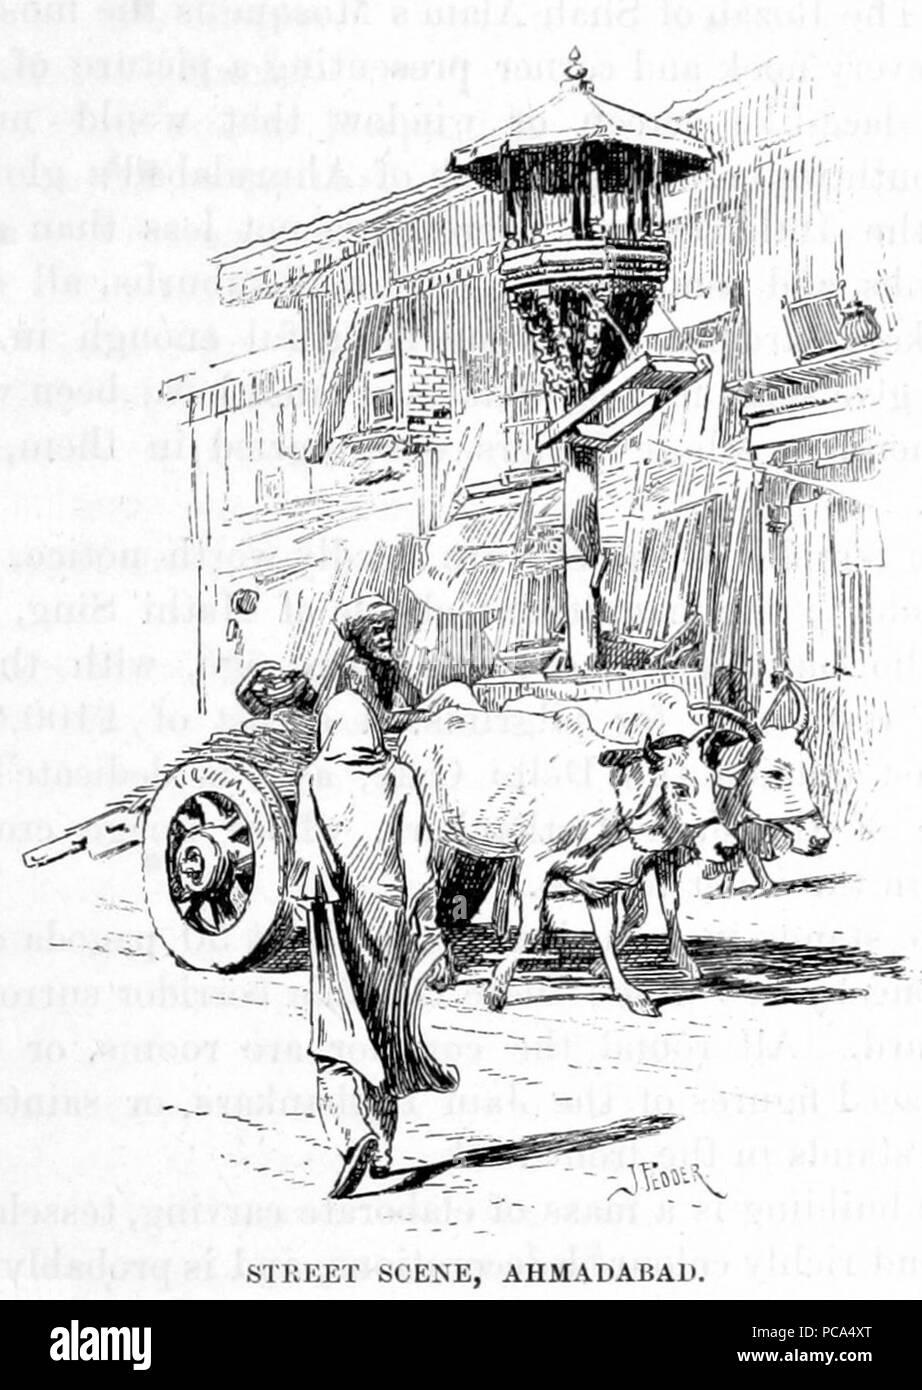 Ahmedabad street scene 1890. - Stock Image